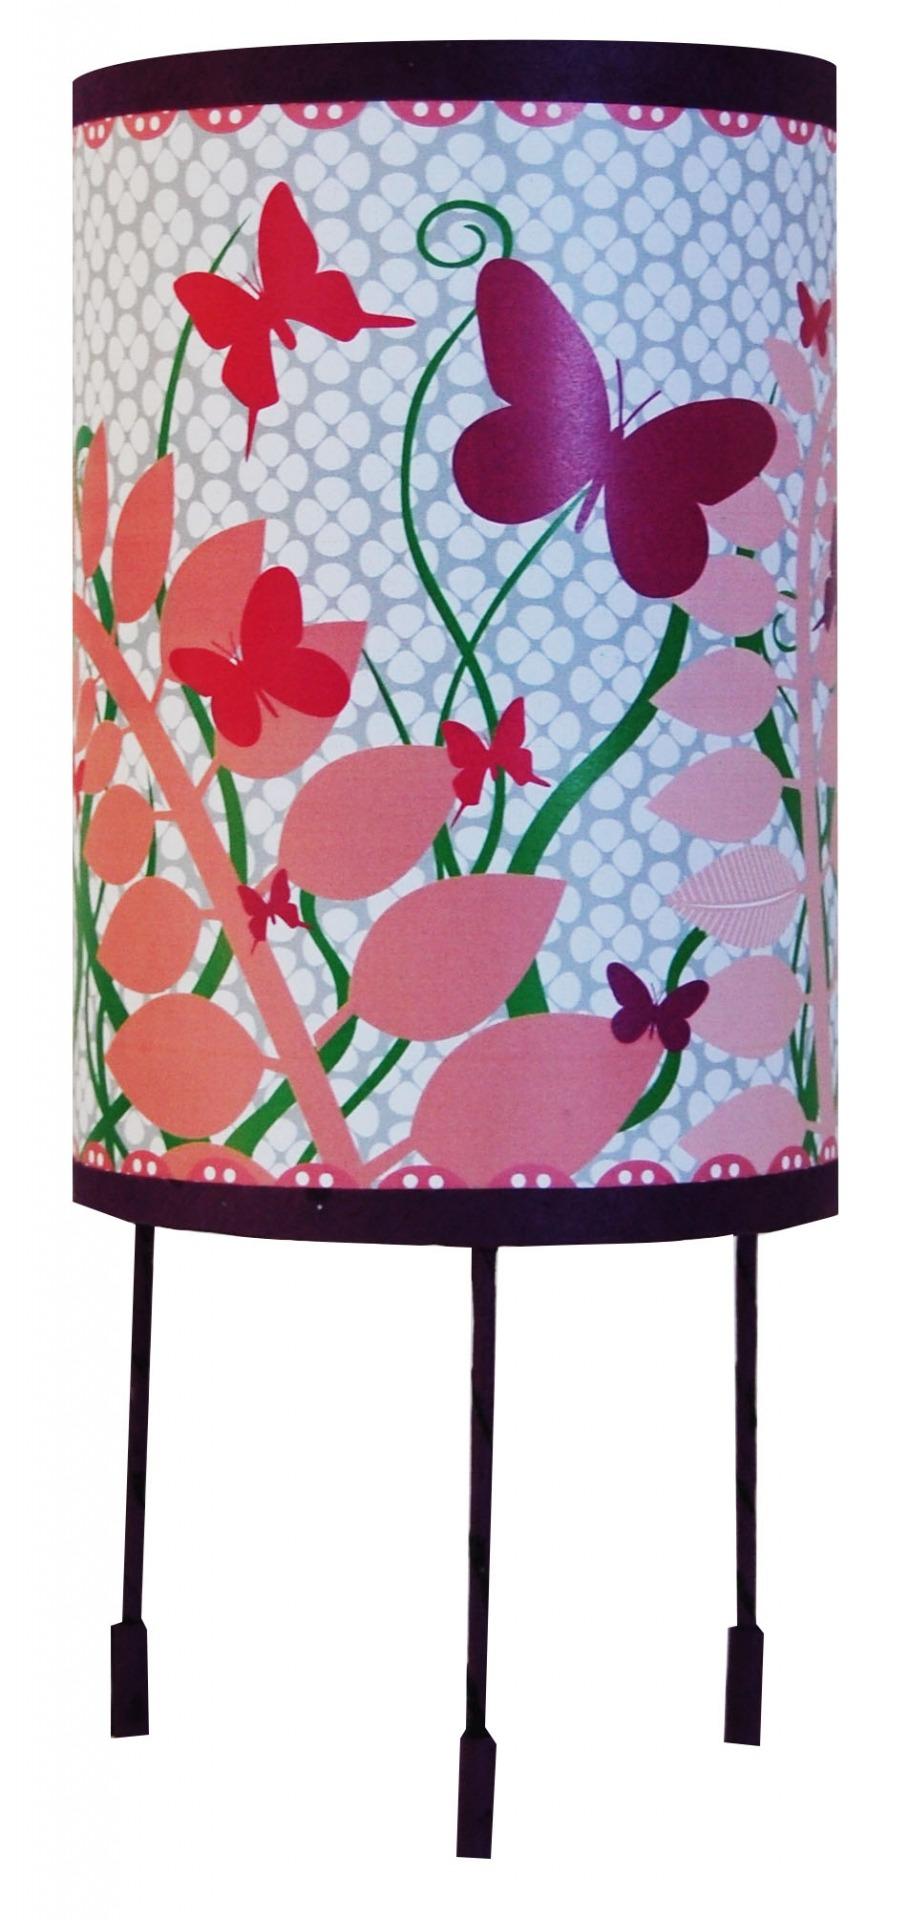 Decoration pour enfants luminaire enfant lampe de chevet nu 3082685 papillon lamp 8870c big